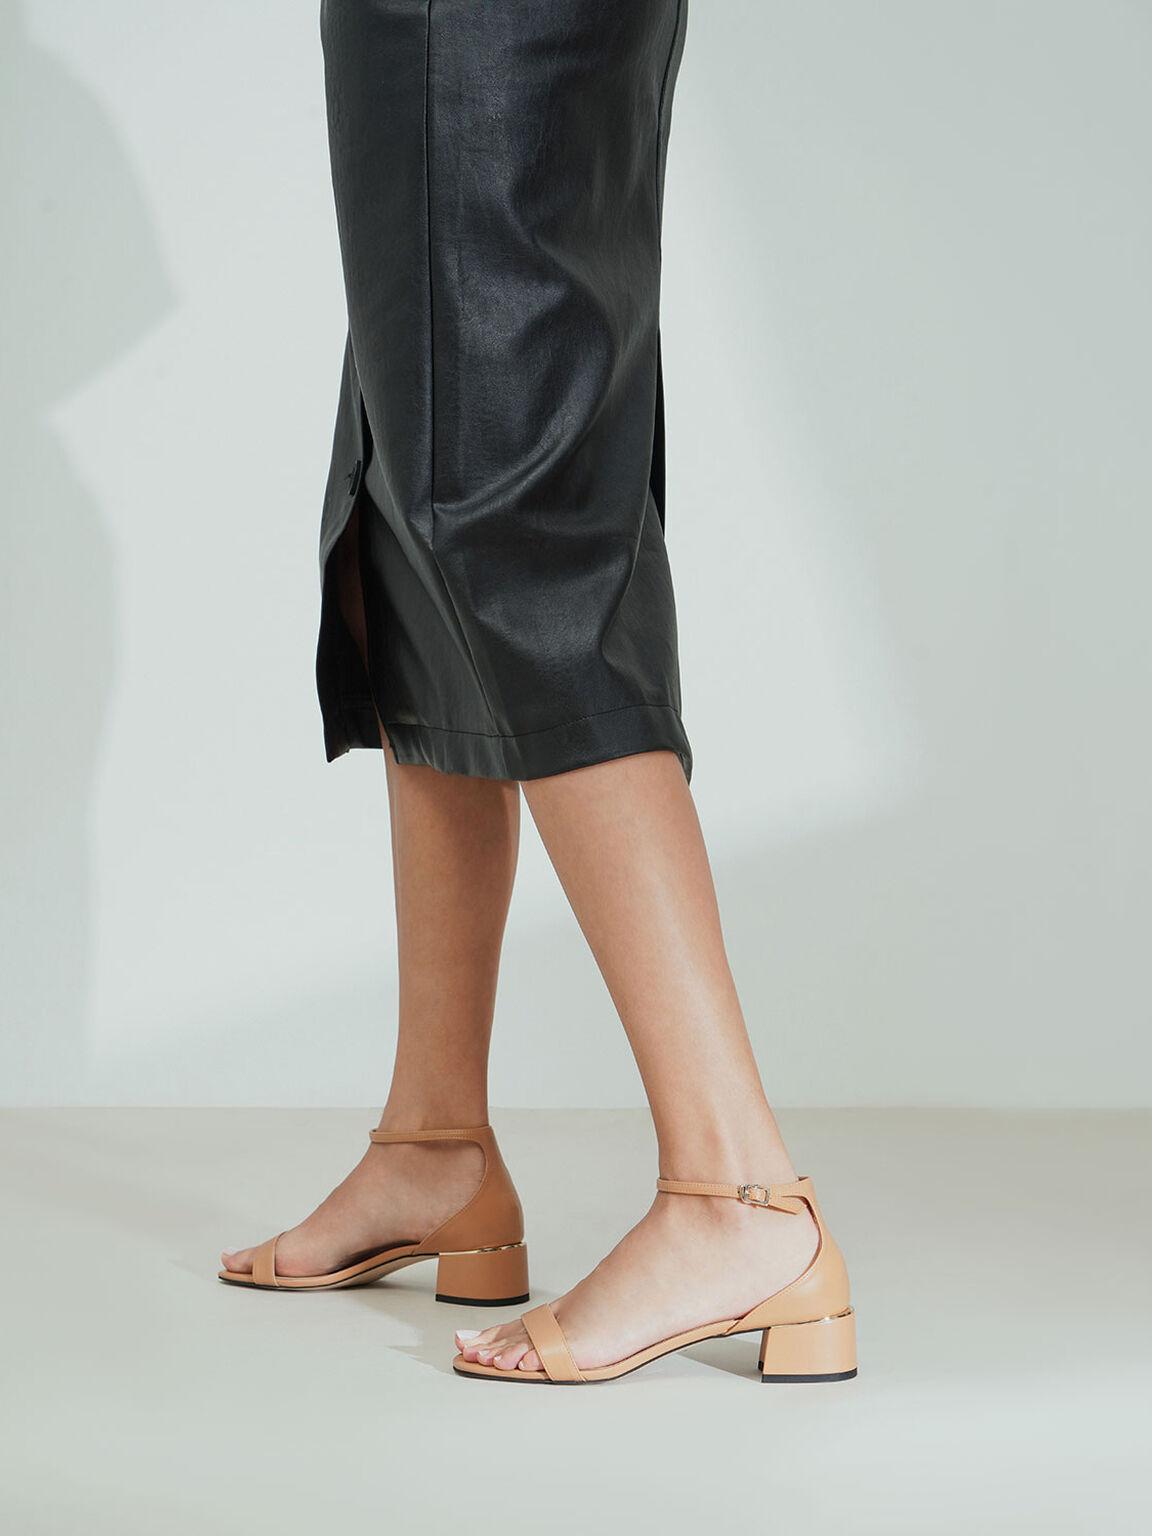 Ankle Strap Heeled Sandals, Caramel, hi-res